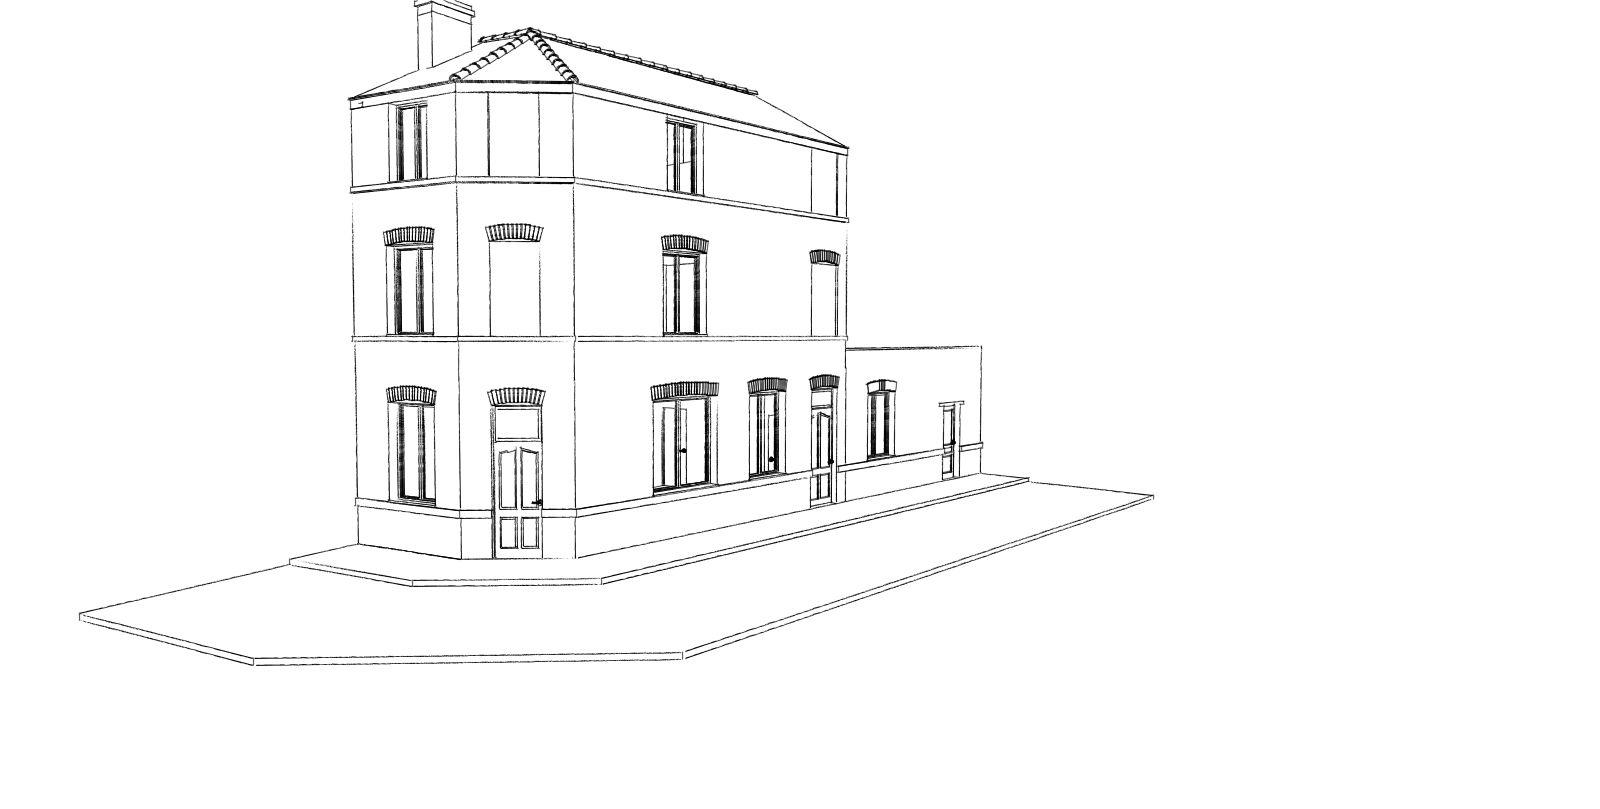 16.33 permis de construire division maison Lille12